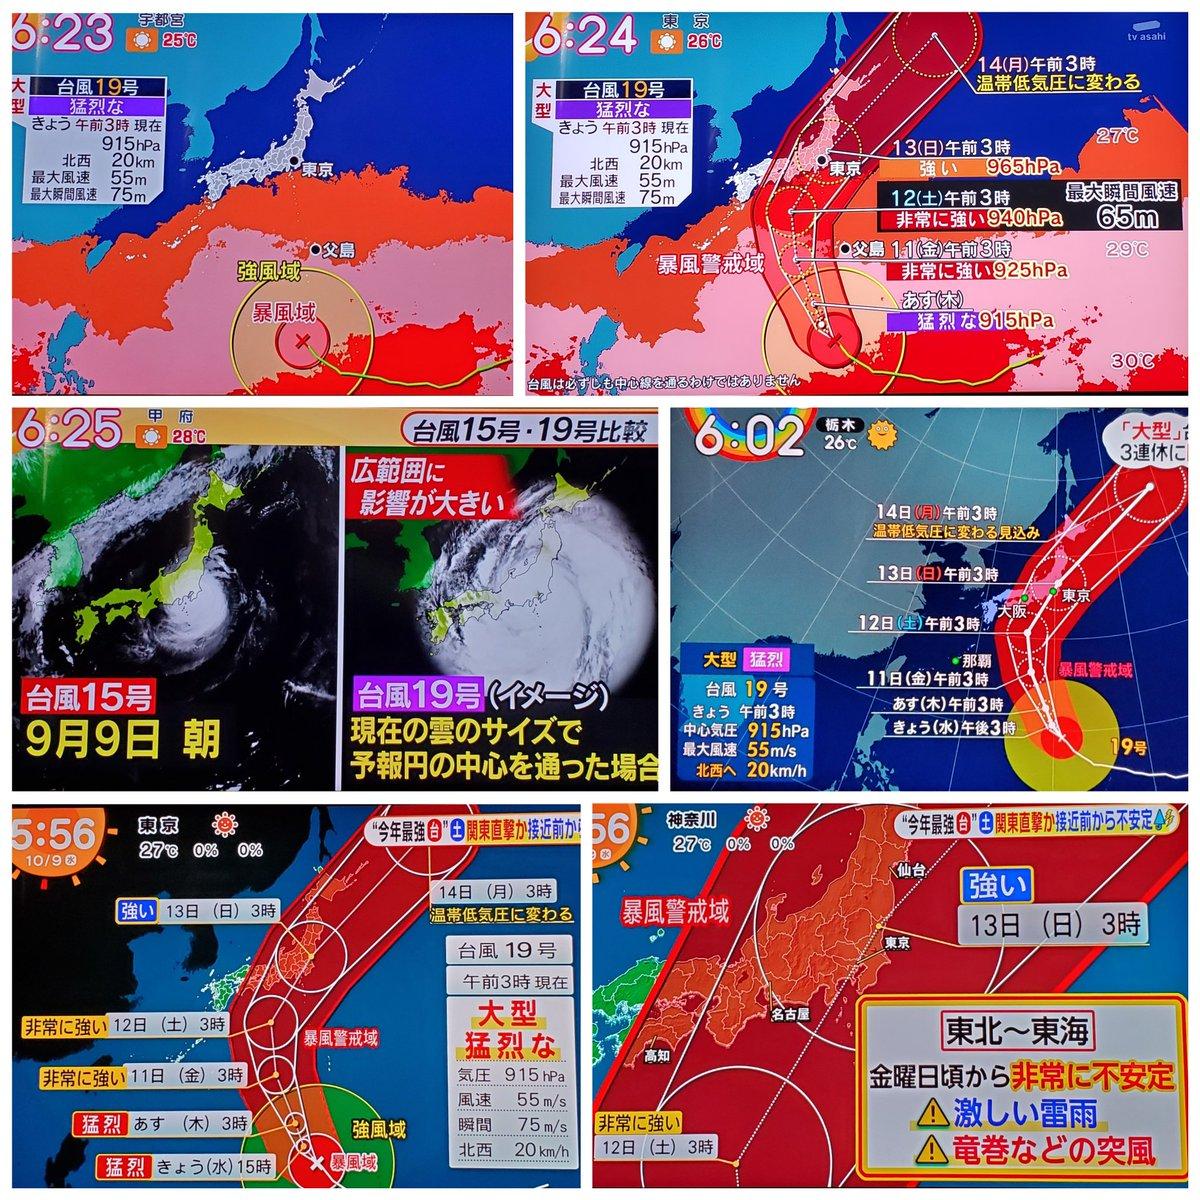 一番当たる天気予報 東大和市